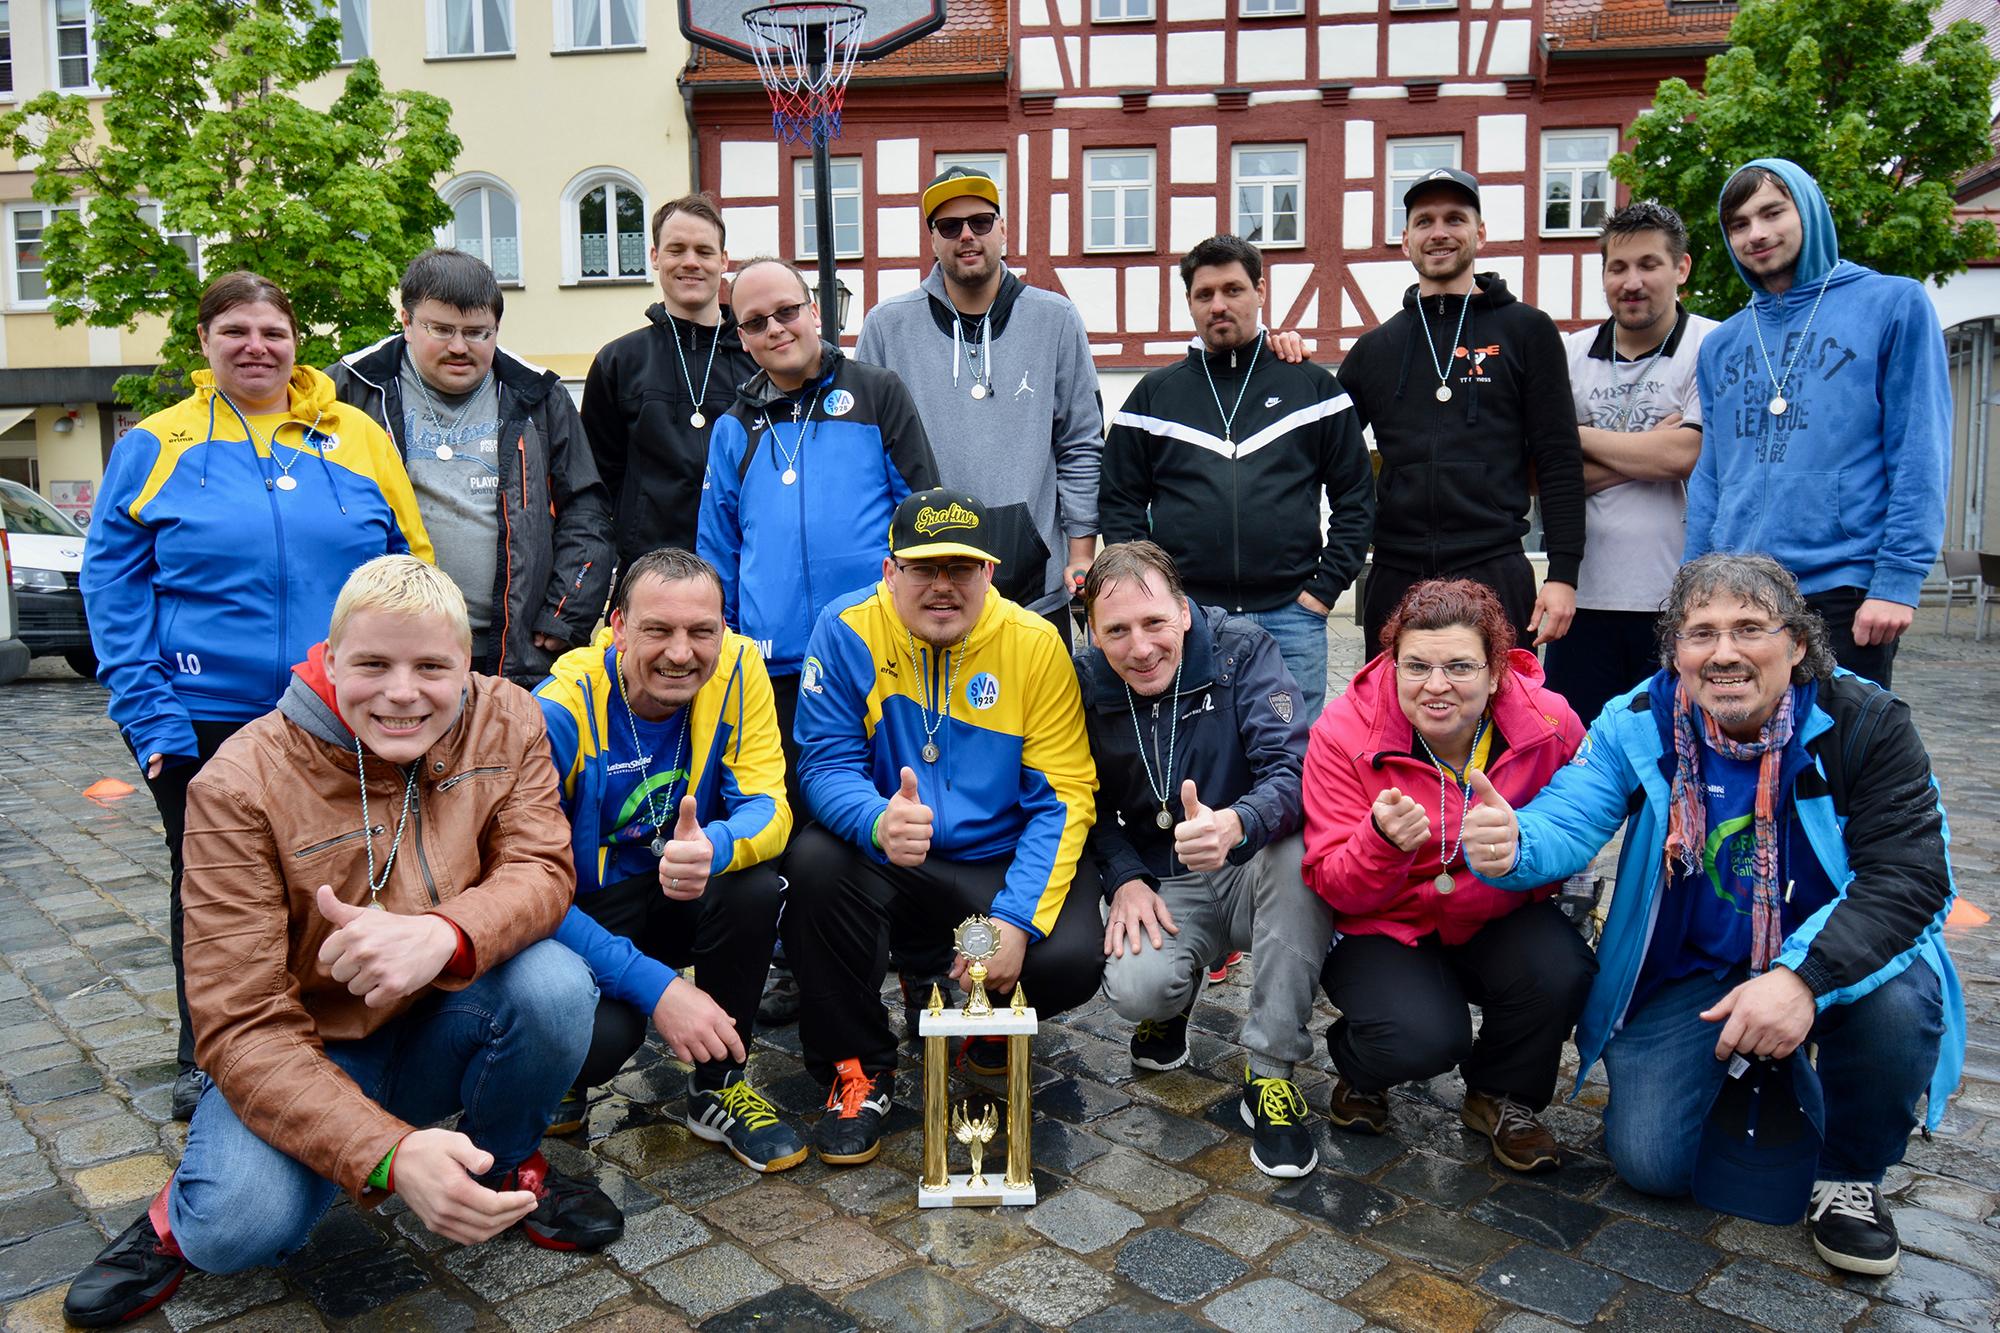 So sehen Sieger aus: die Teilenehmer am Street-Basketball-Turnier.